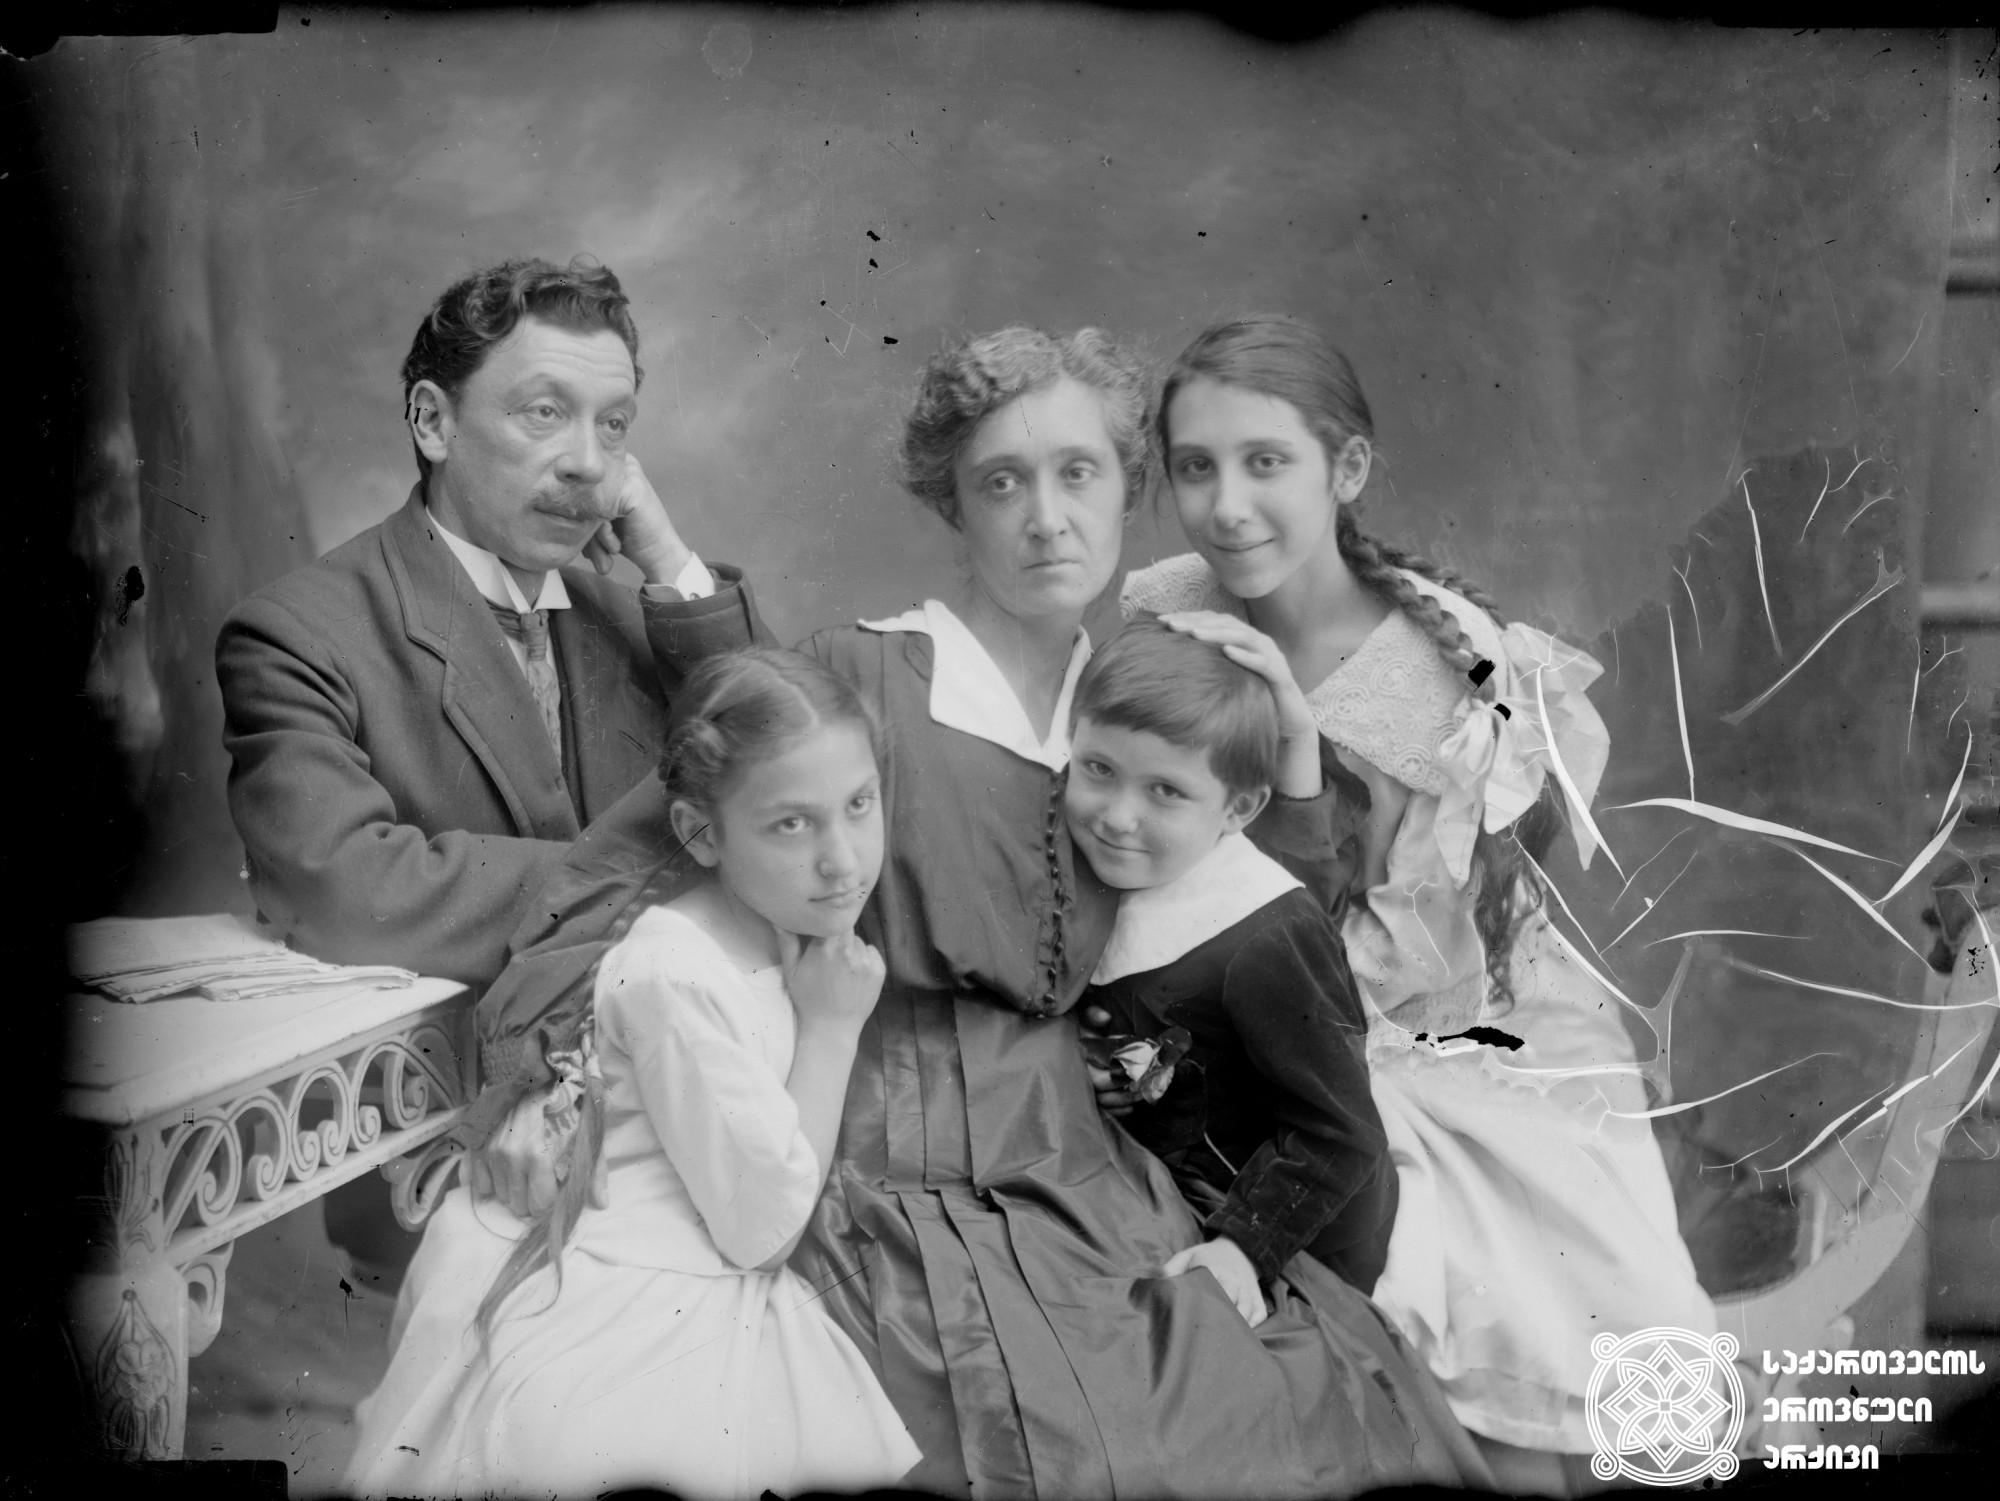 მსახიობი ნუცა ჩხეიძე მეუღლესთან, მიხეილ ქორელთან და შვილებთან ერთად. <br> მინის ნეგატივი 12X16. <br> Actress Nutsa Chkheidze with her husband, Mikheil Koreli and children. <br> Glass negative 12X16. <br>